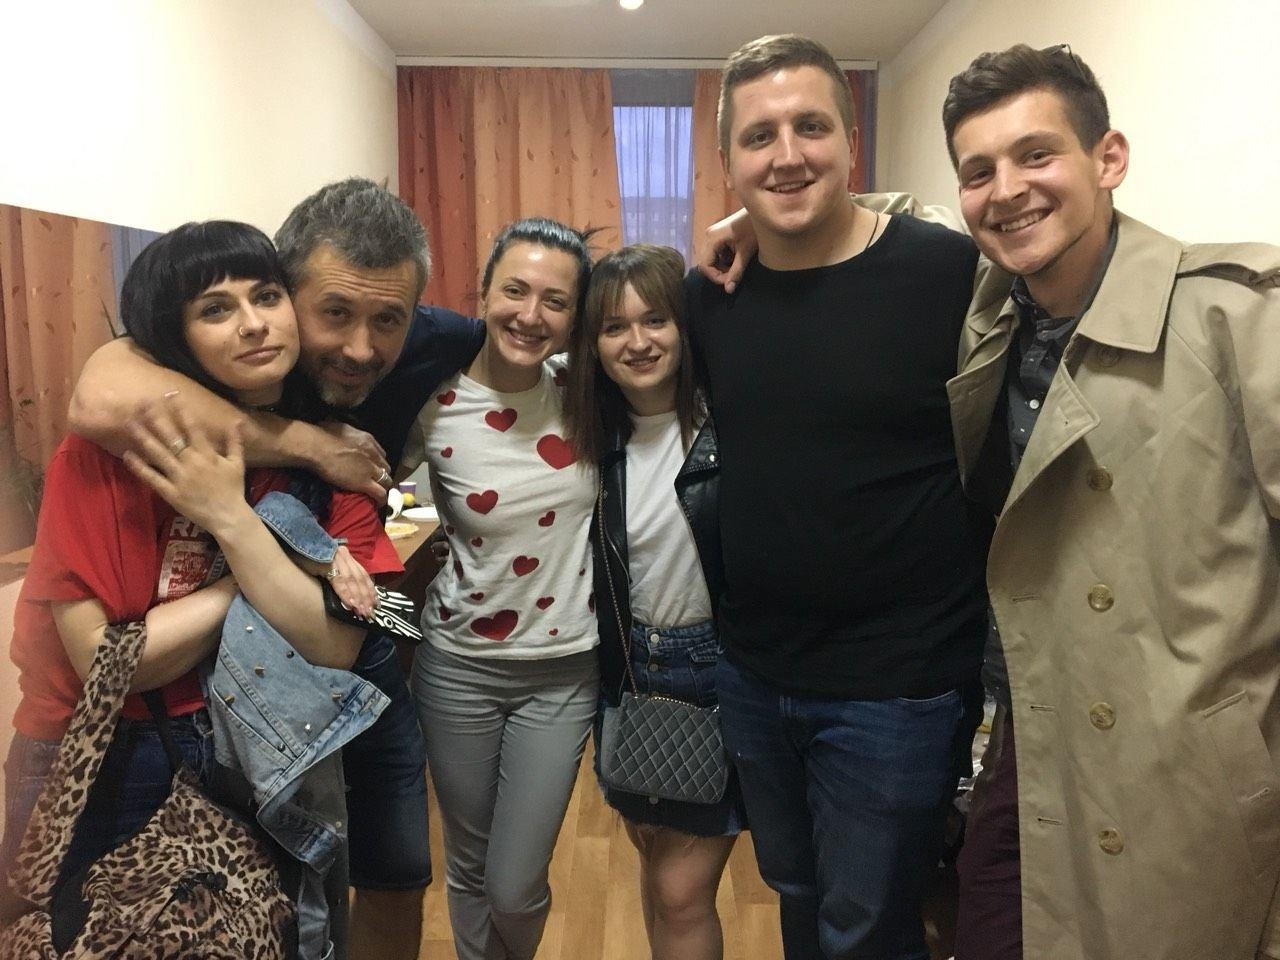 Сергій Бабкін завітав у гості до переможниці Голосу країни-8 Олени Луценко, фото-4